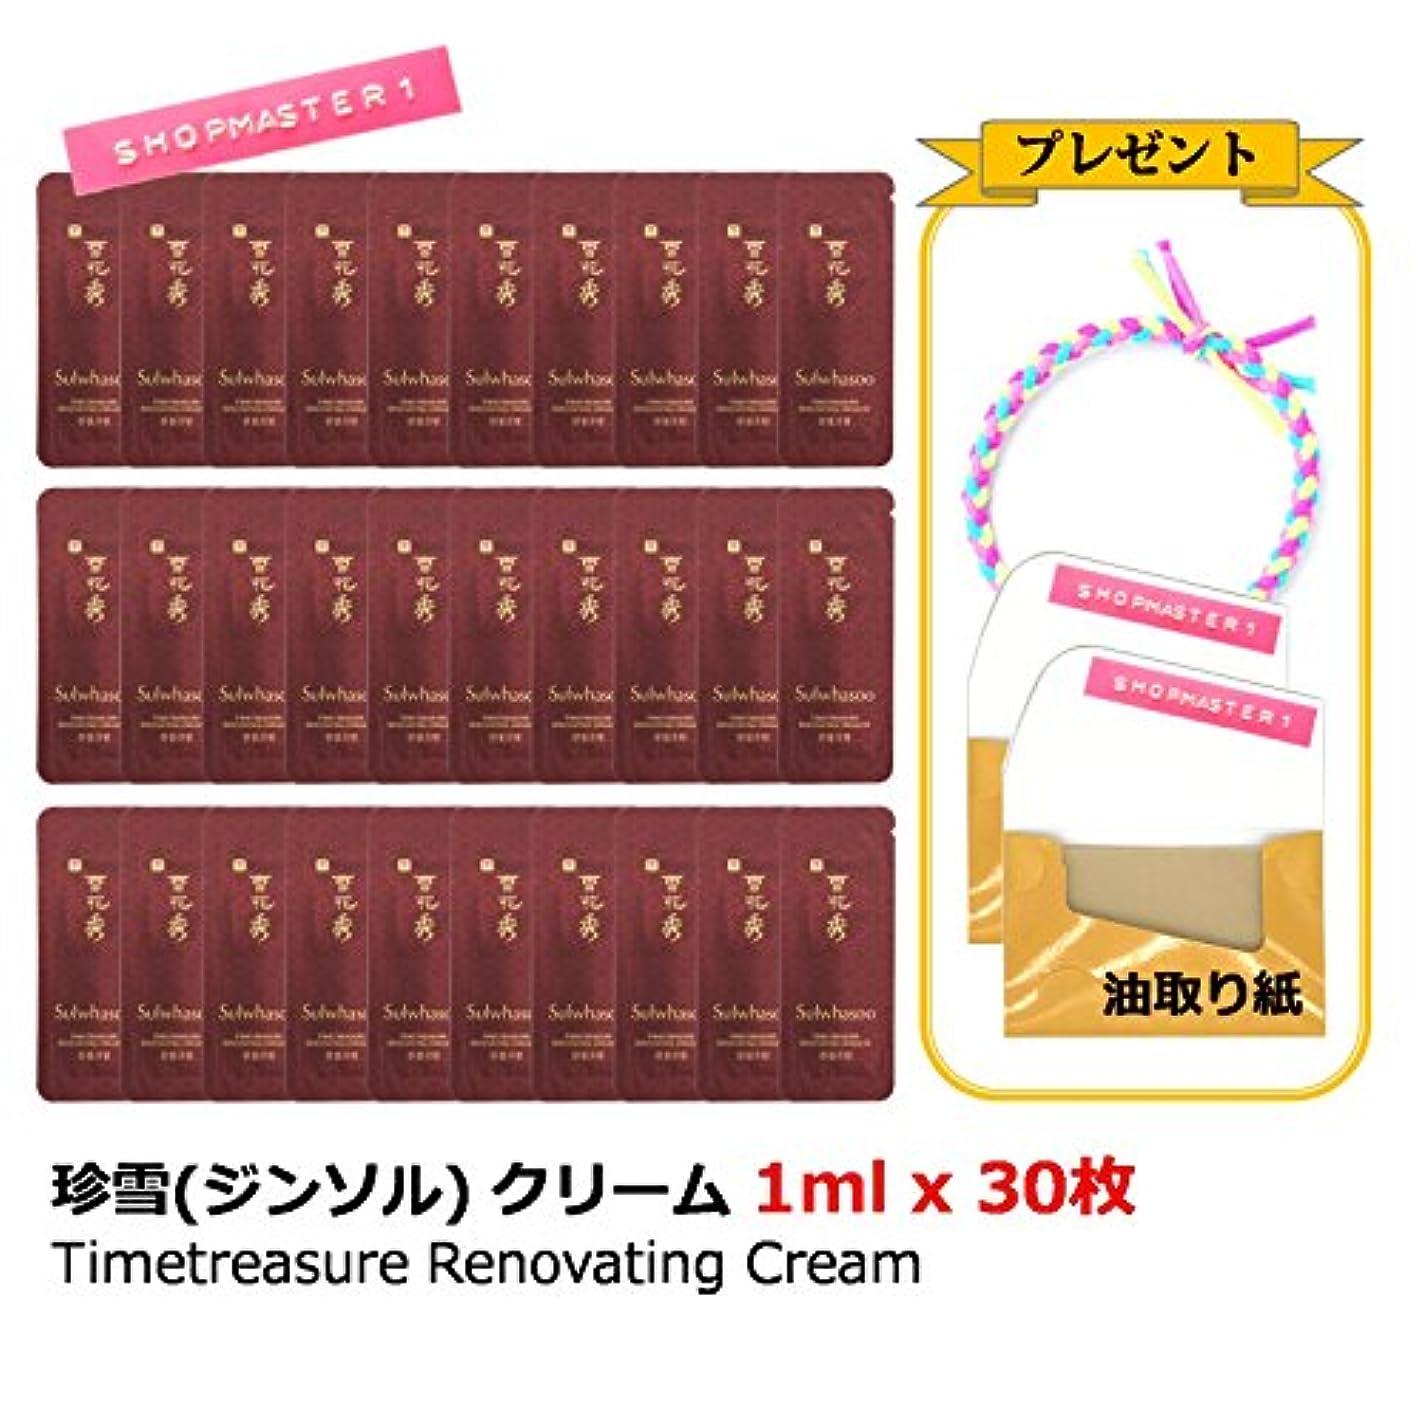 熱心受け取る人口【Sulwhasoo ソルファス】珍雪(ジンソル) クリーム 1ml x 30枚 Timetreasure Renovating Cream/プレゼント 油取り紙 2個(30枚ずつ)、ヘアタイ/海外直配送